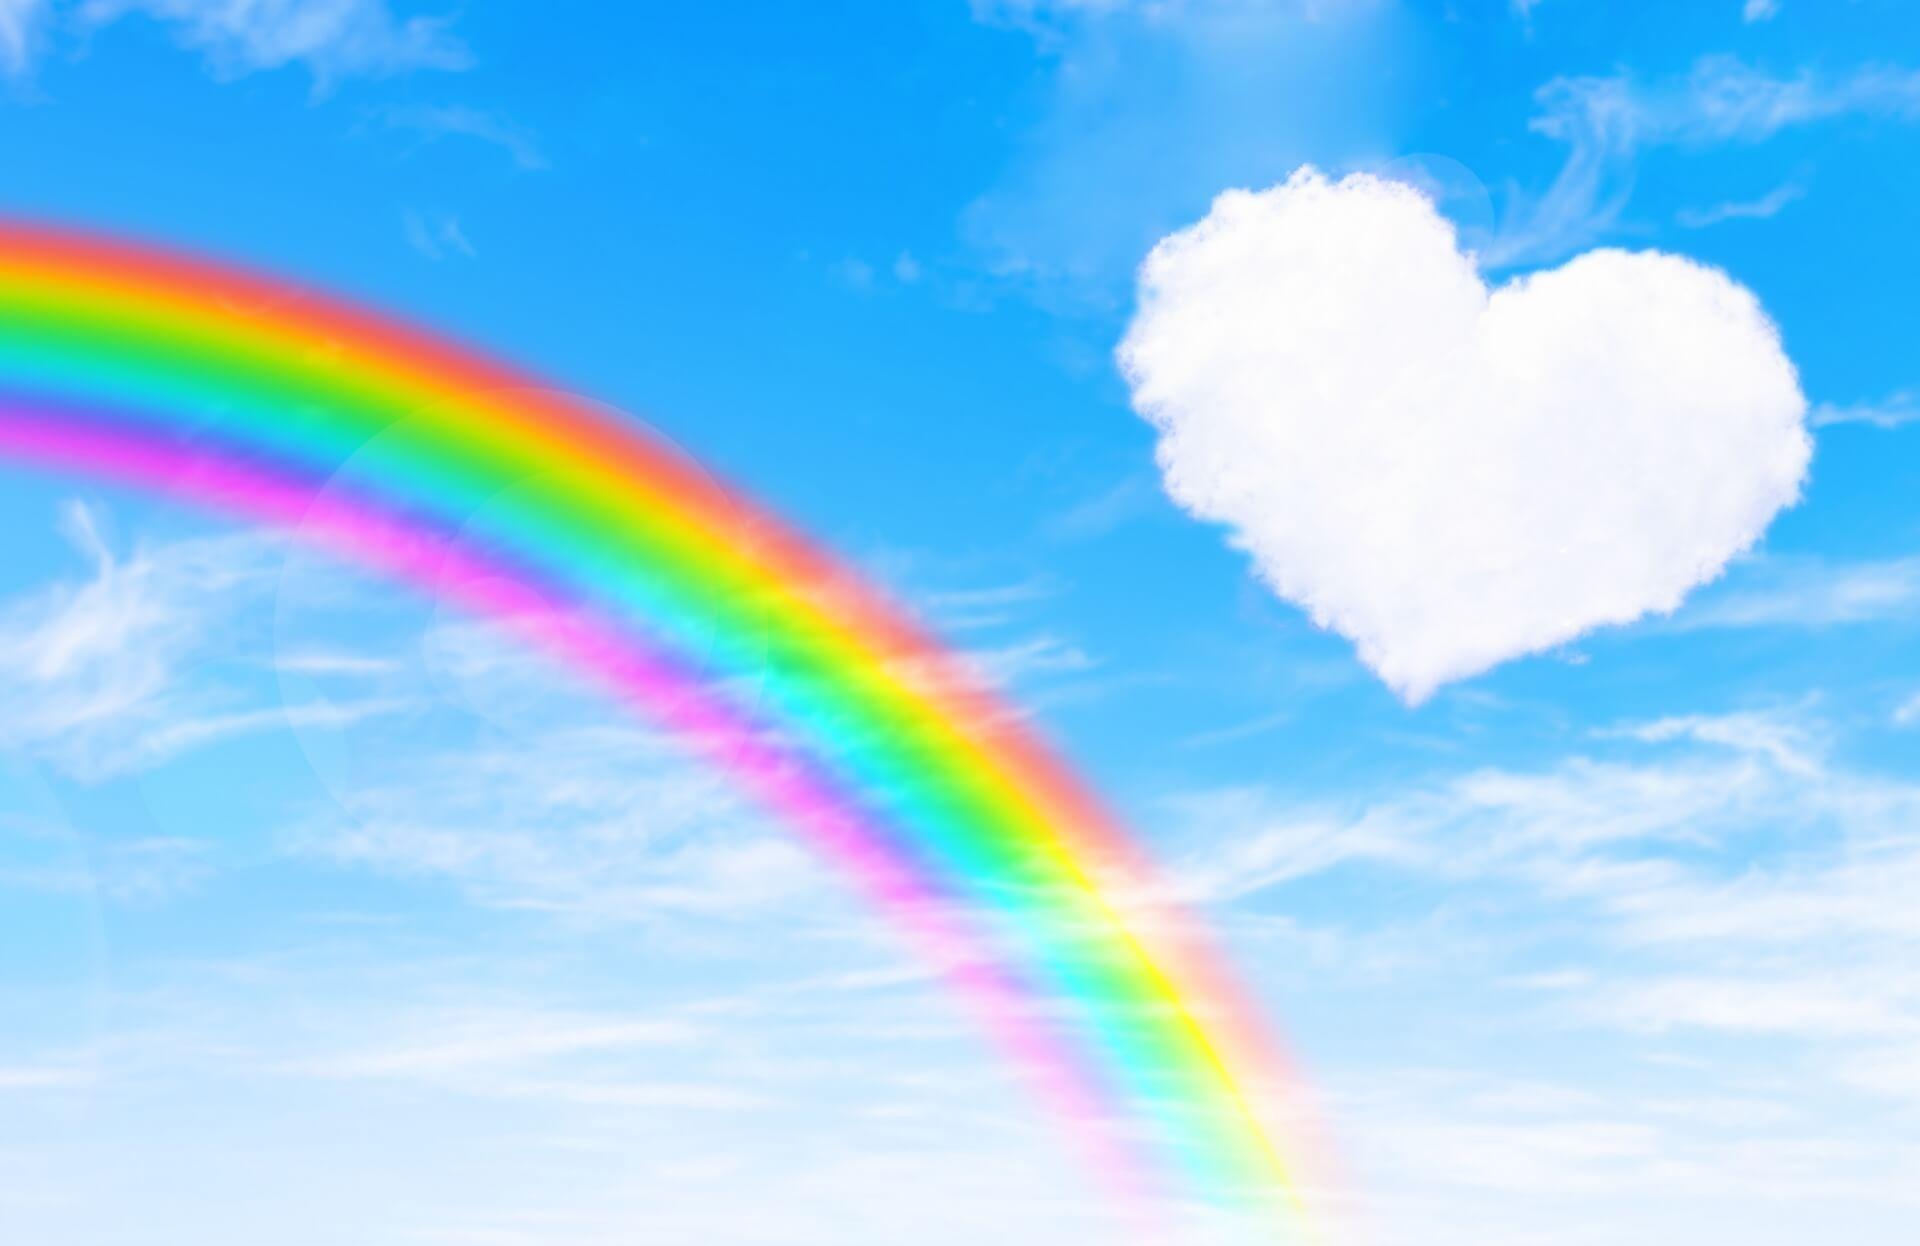 恋愛二字熟語まとめ!漢字別で恋や愛に関する言葉を紹介♪